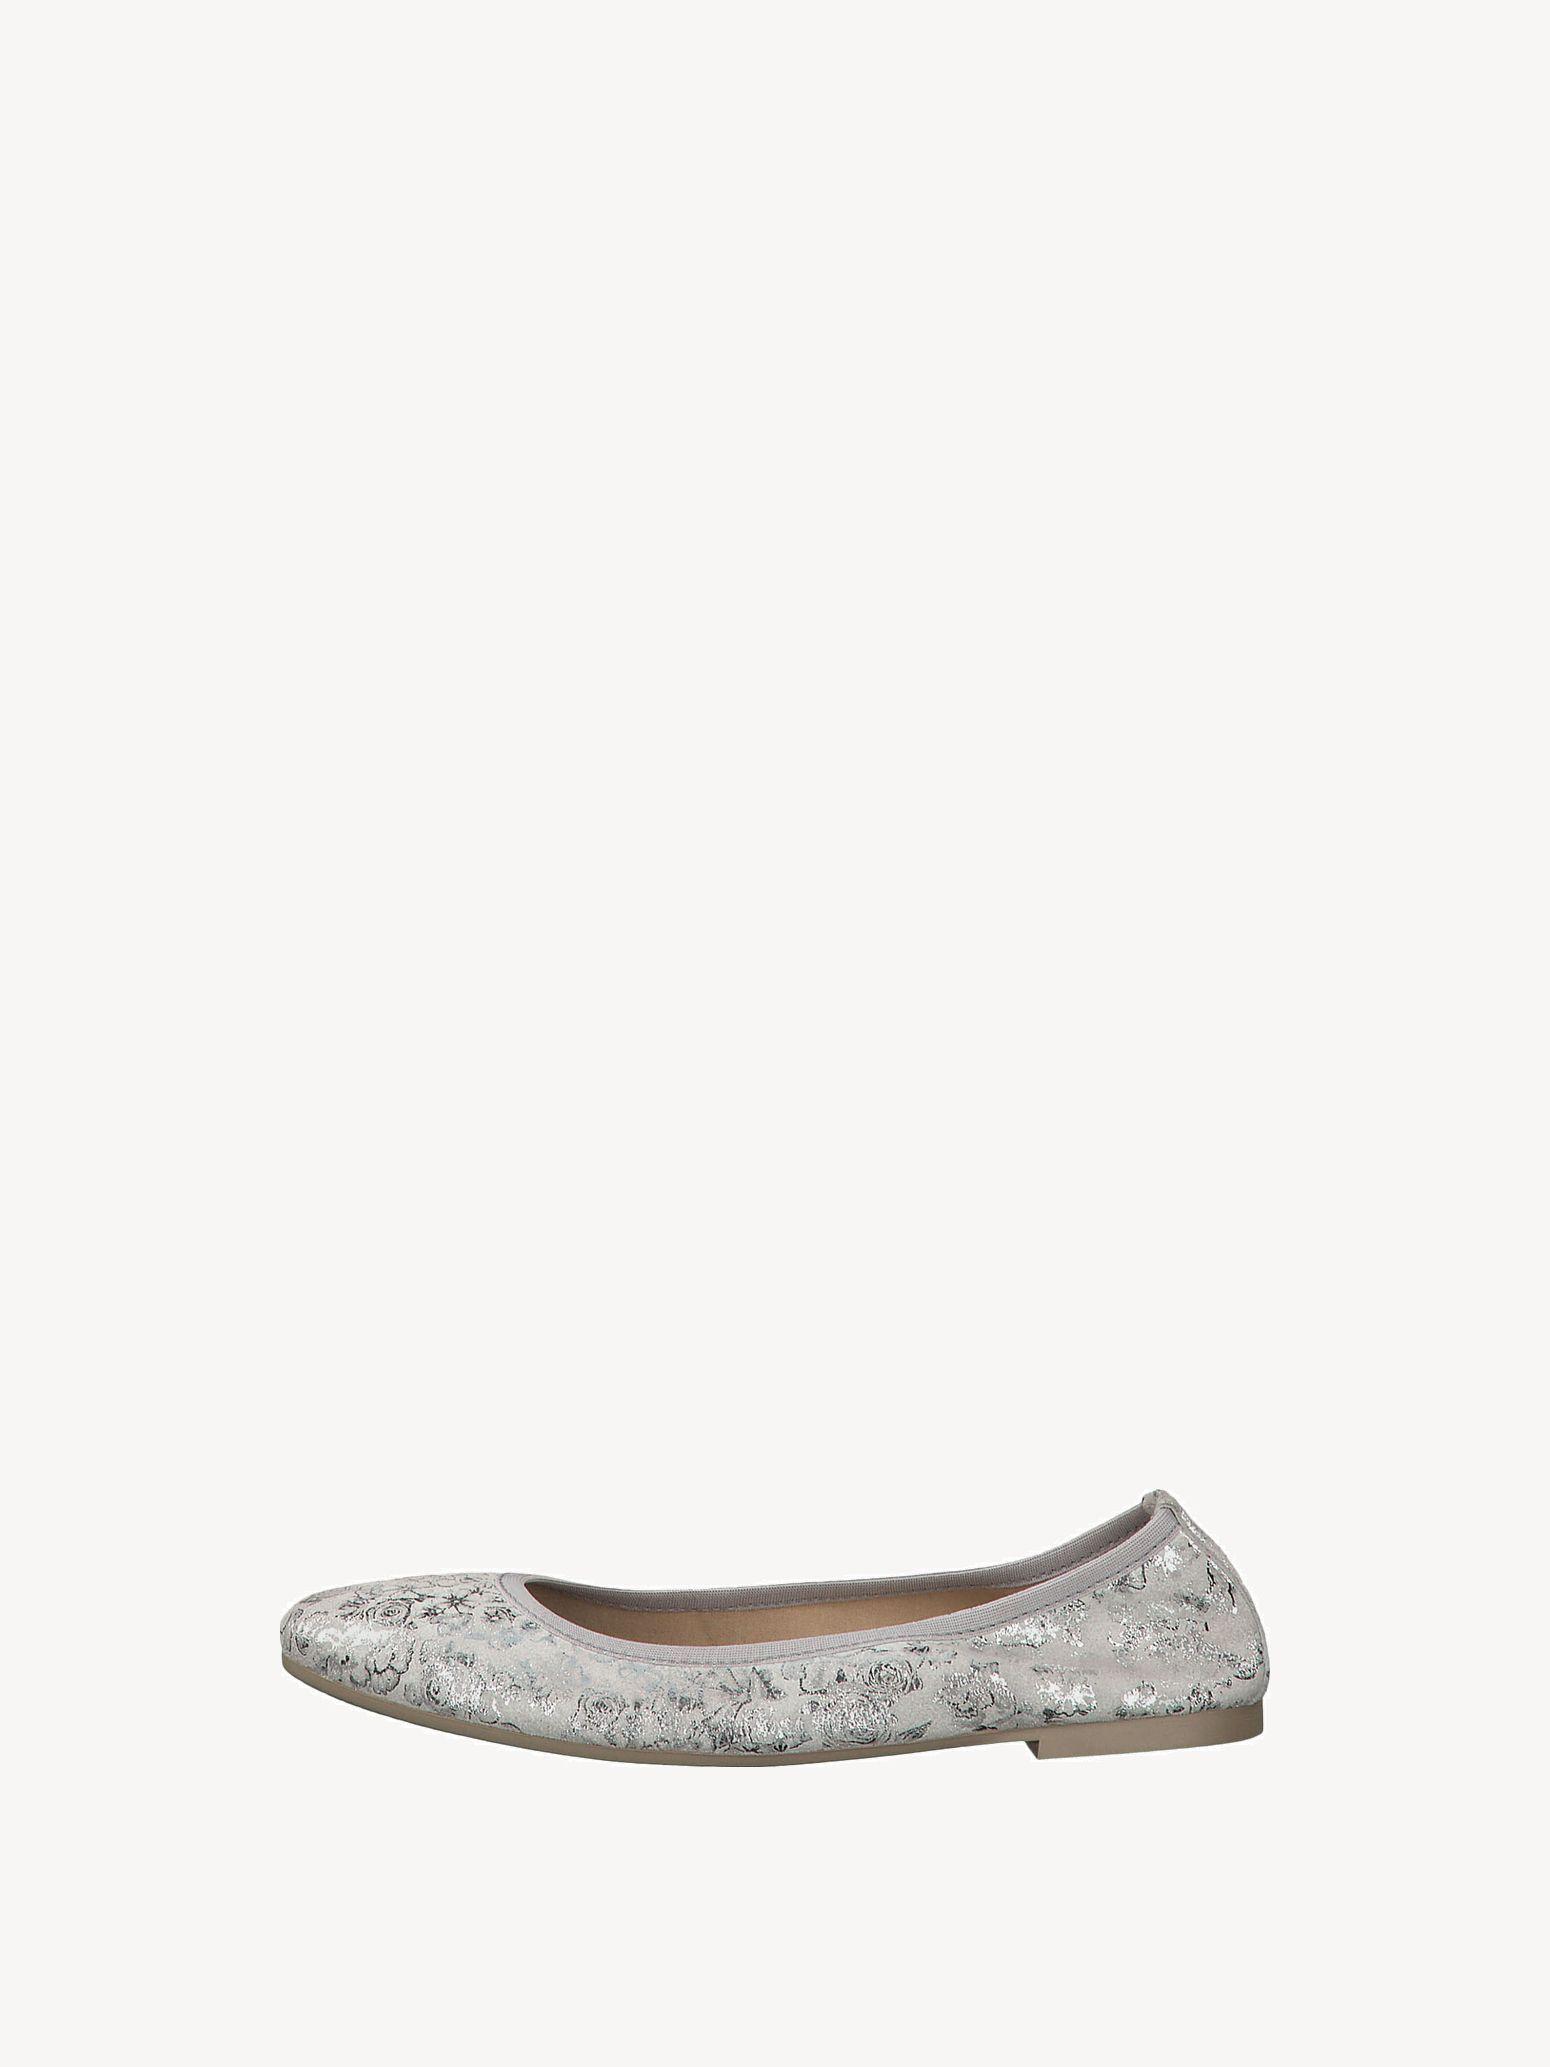 Gute Funktion Tamaris GREY Woms Ballerina Leder Damen Schuhe